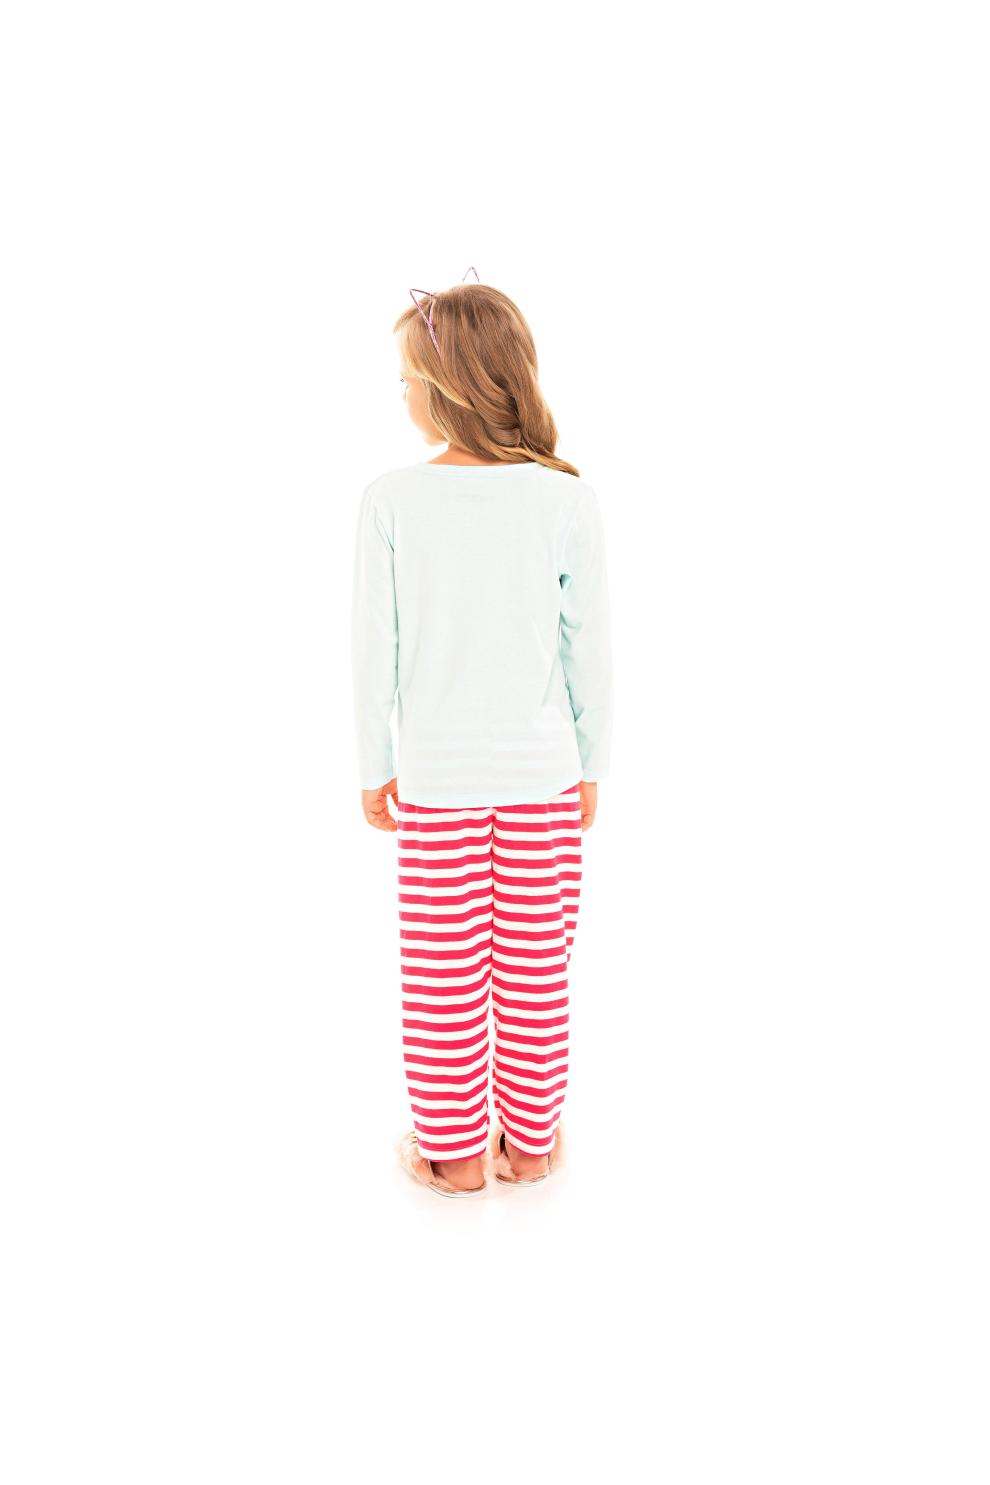 207/D - Pijama Infantil Feminino Together We Are Better